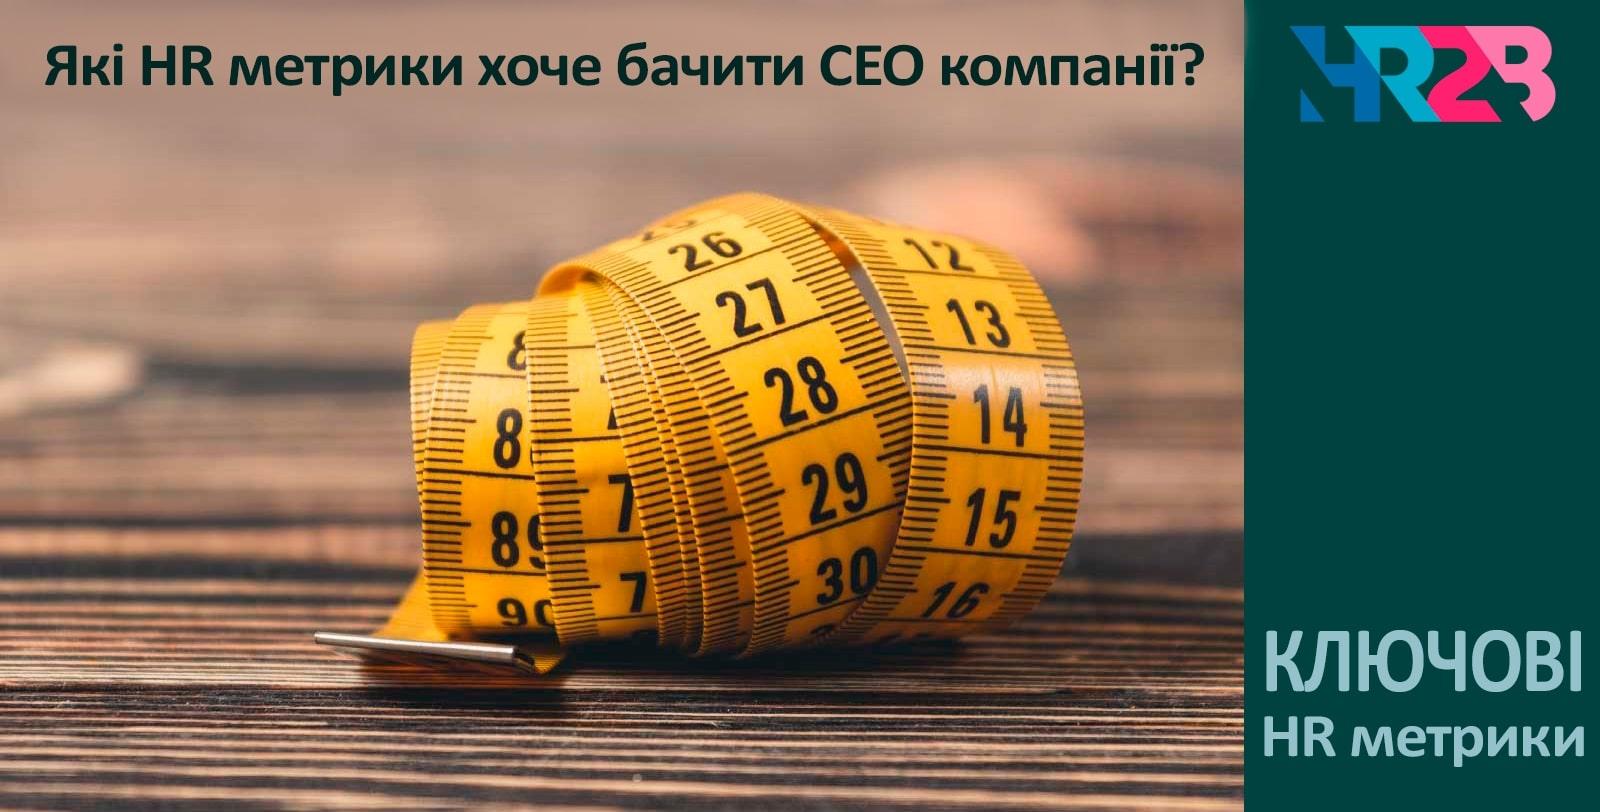 HR2B - Ключові HR метрики (показники ефективності)